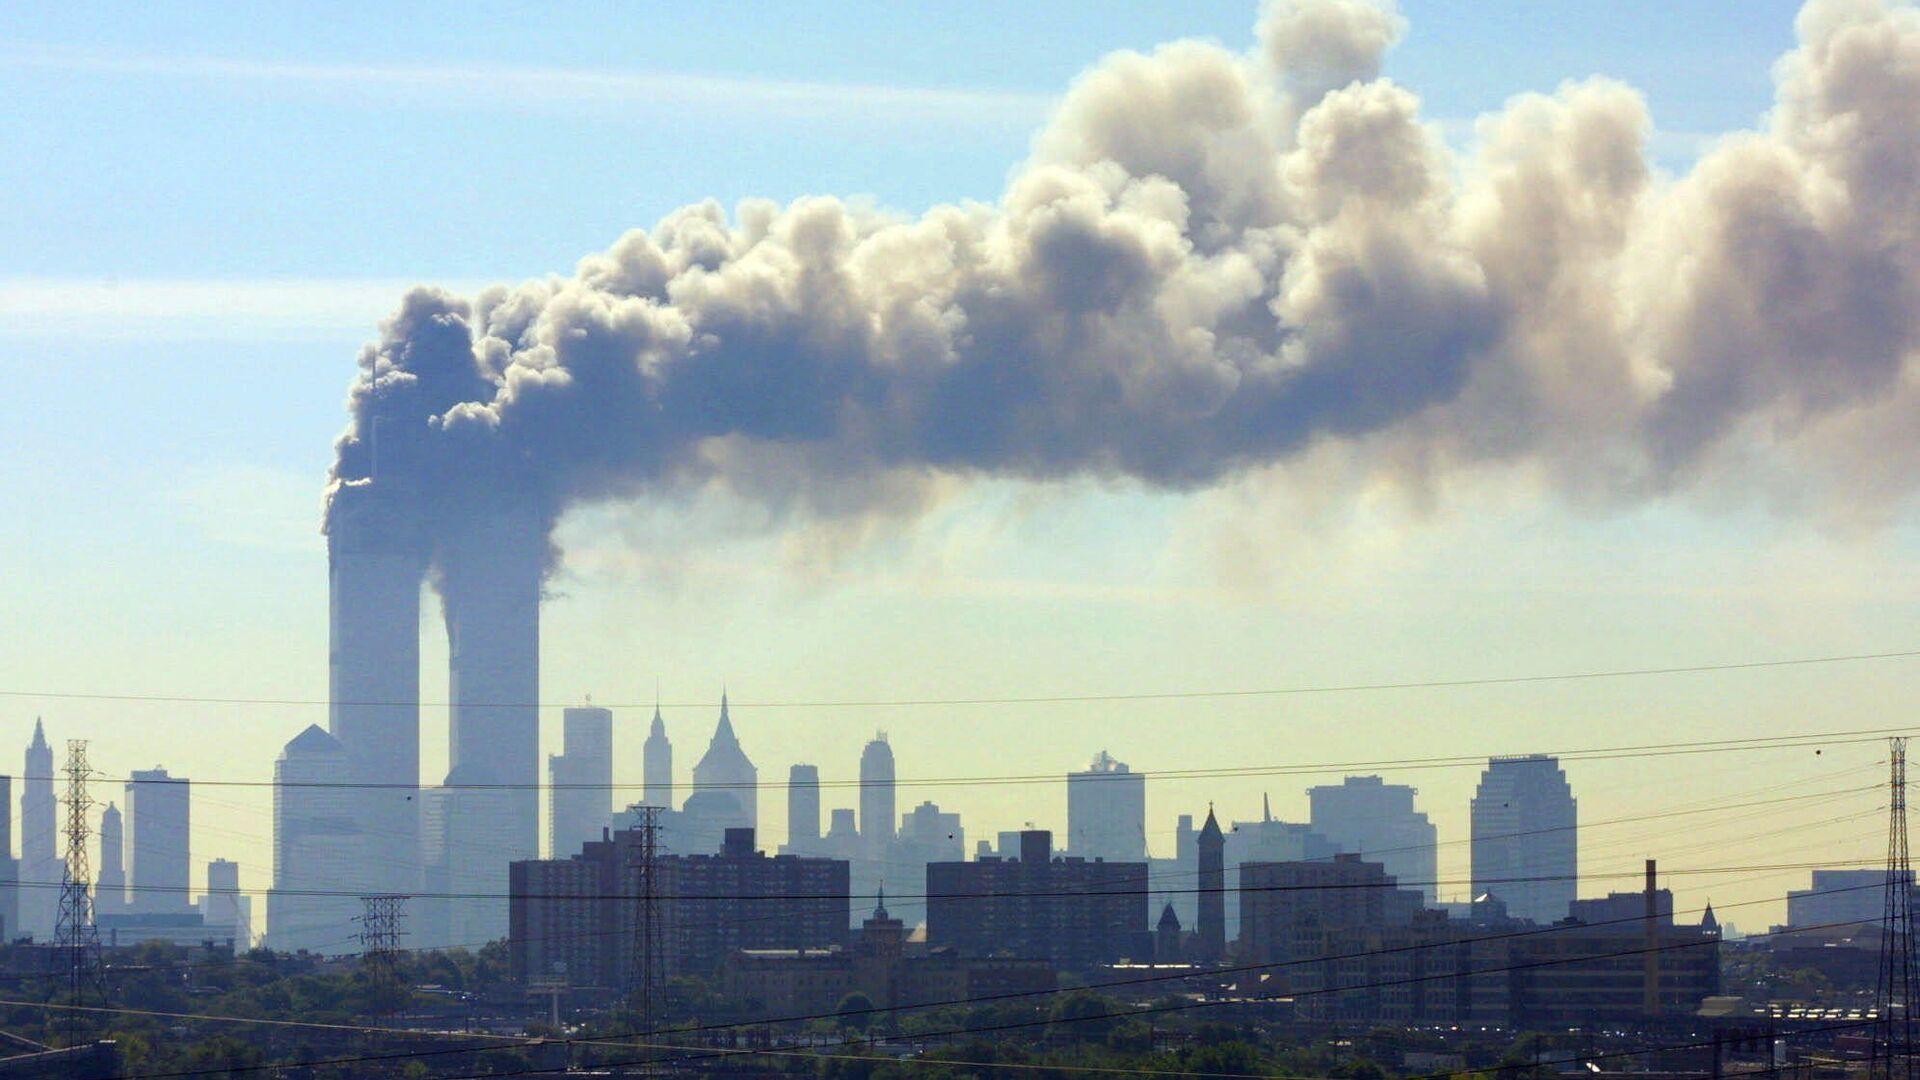 Zniszczenia w wyniku zamachu terrorystycznego 11 września w Nowym Jorku - Sputnik Polska, 1920, 11.09.2021